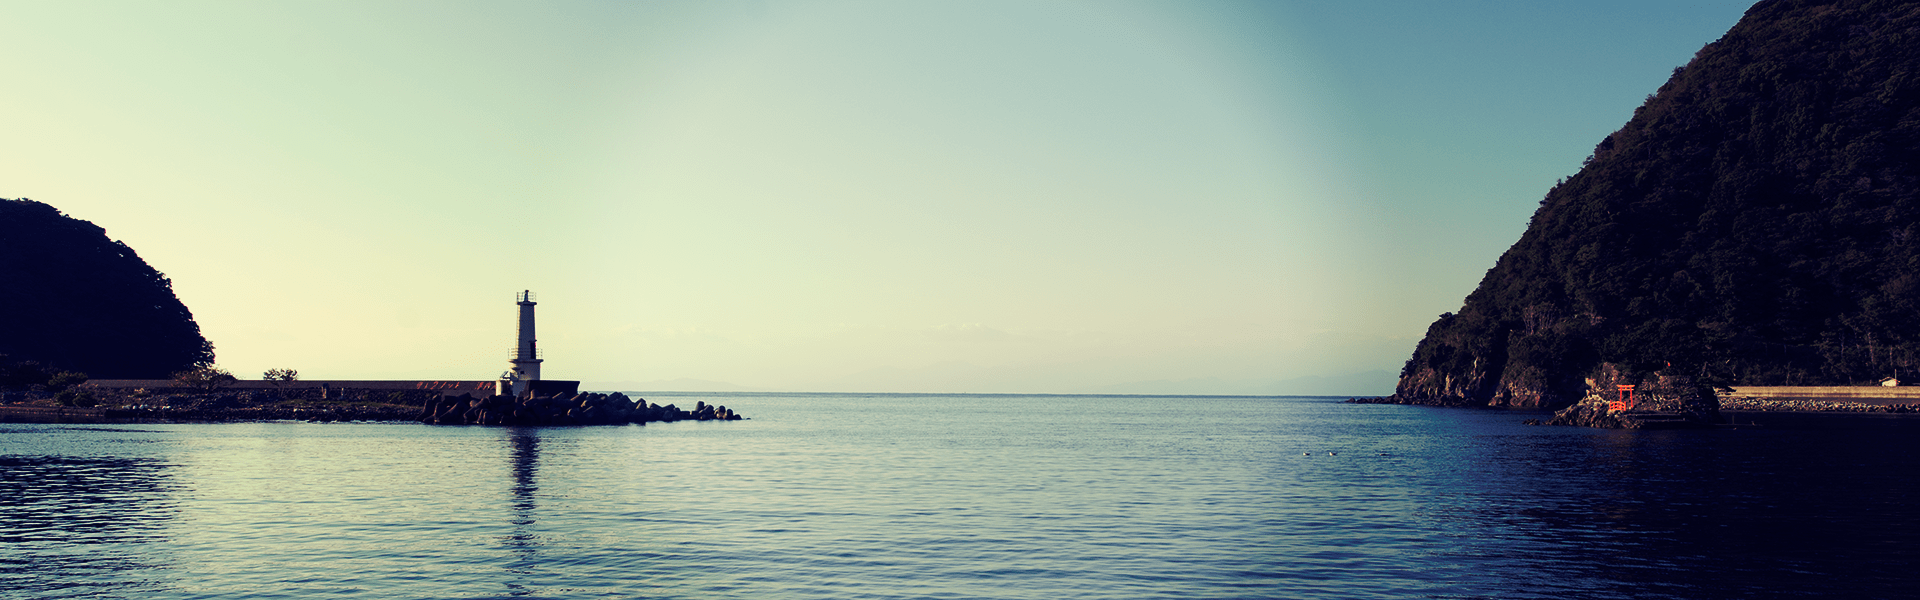 伊豆の釣り船|ふじなみ丸